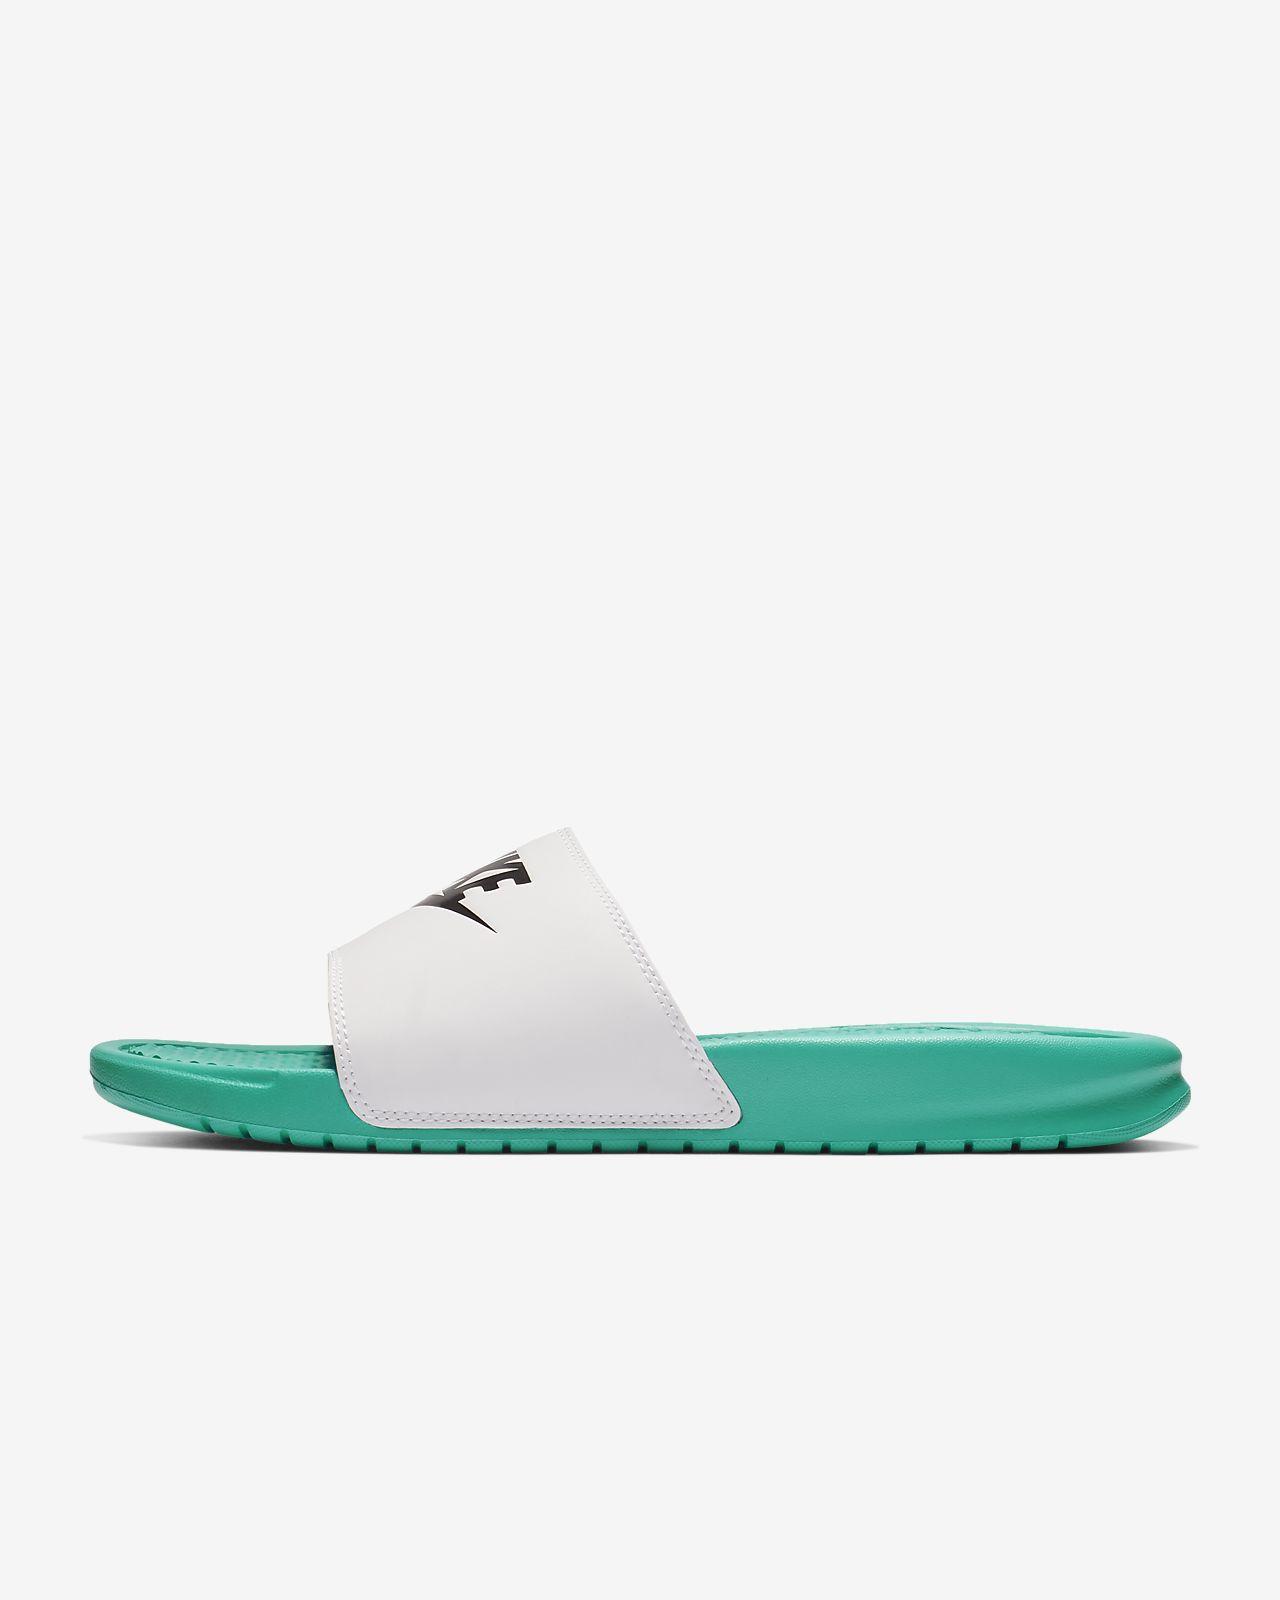 wholesale dealer e5f16 ea434 Low Resolution Claquette Nike Benassi Claquette Nike Benassi